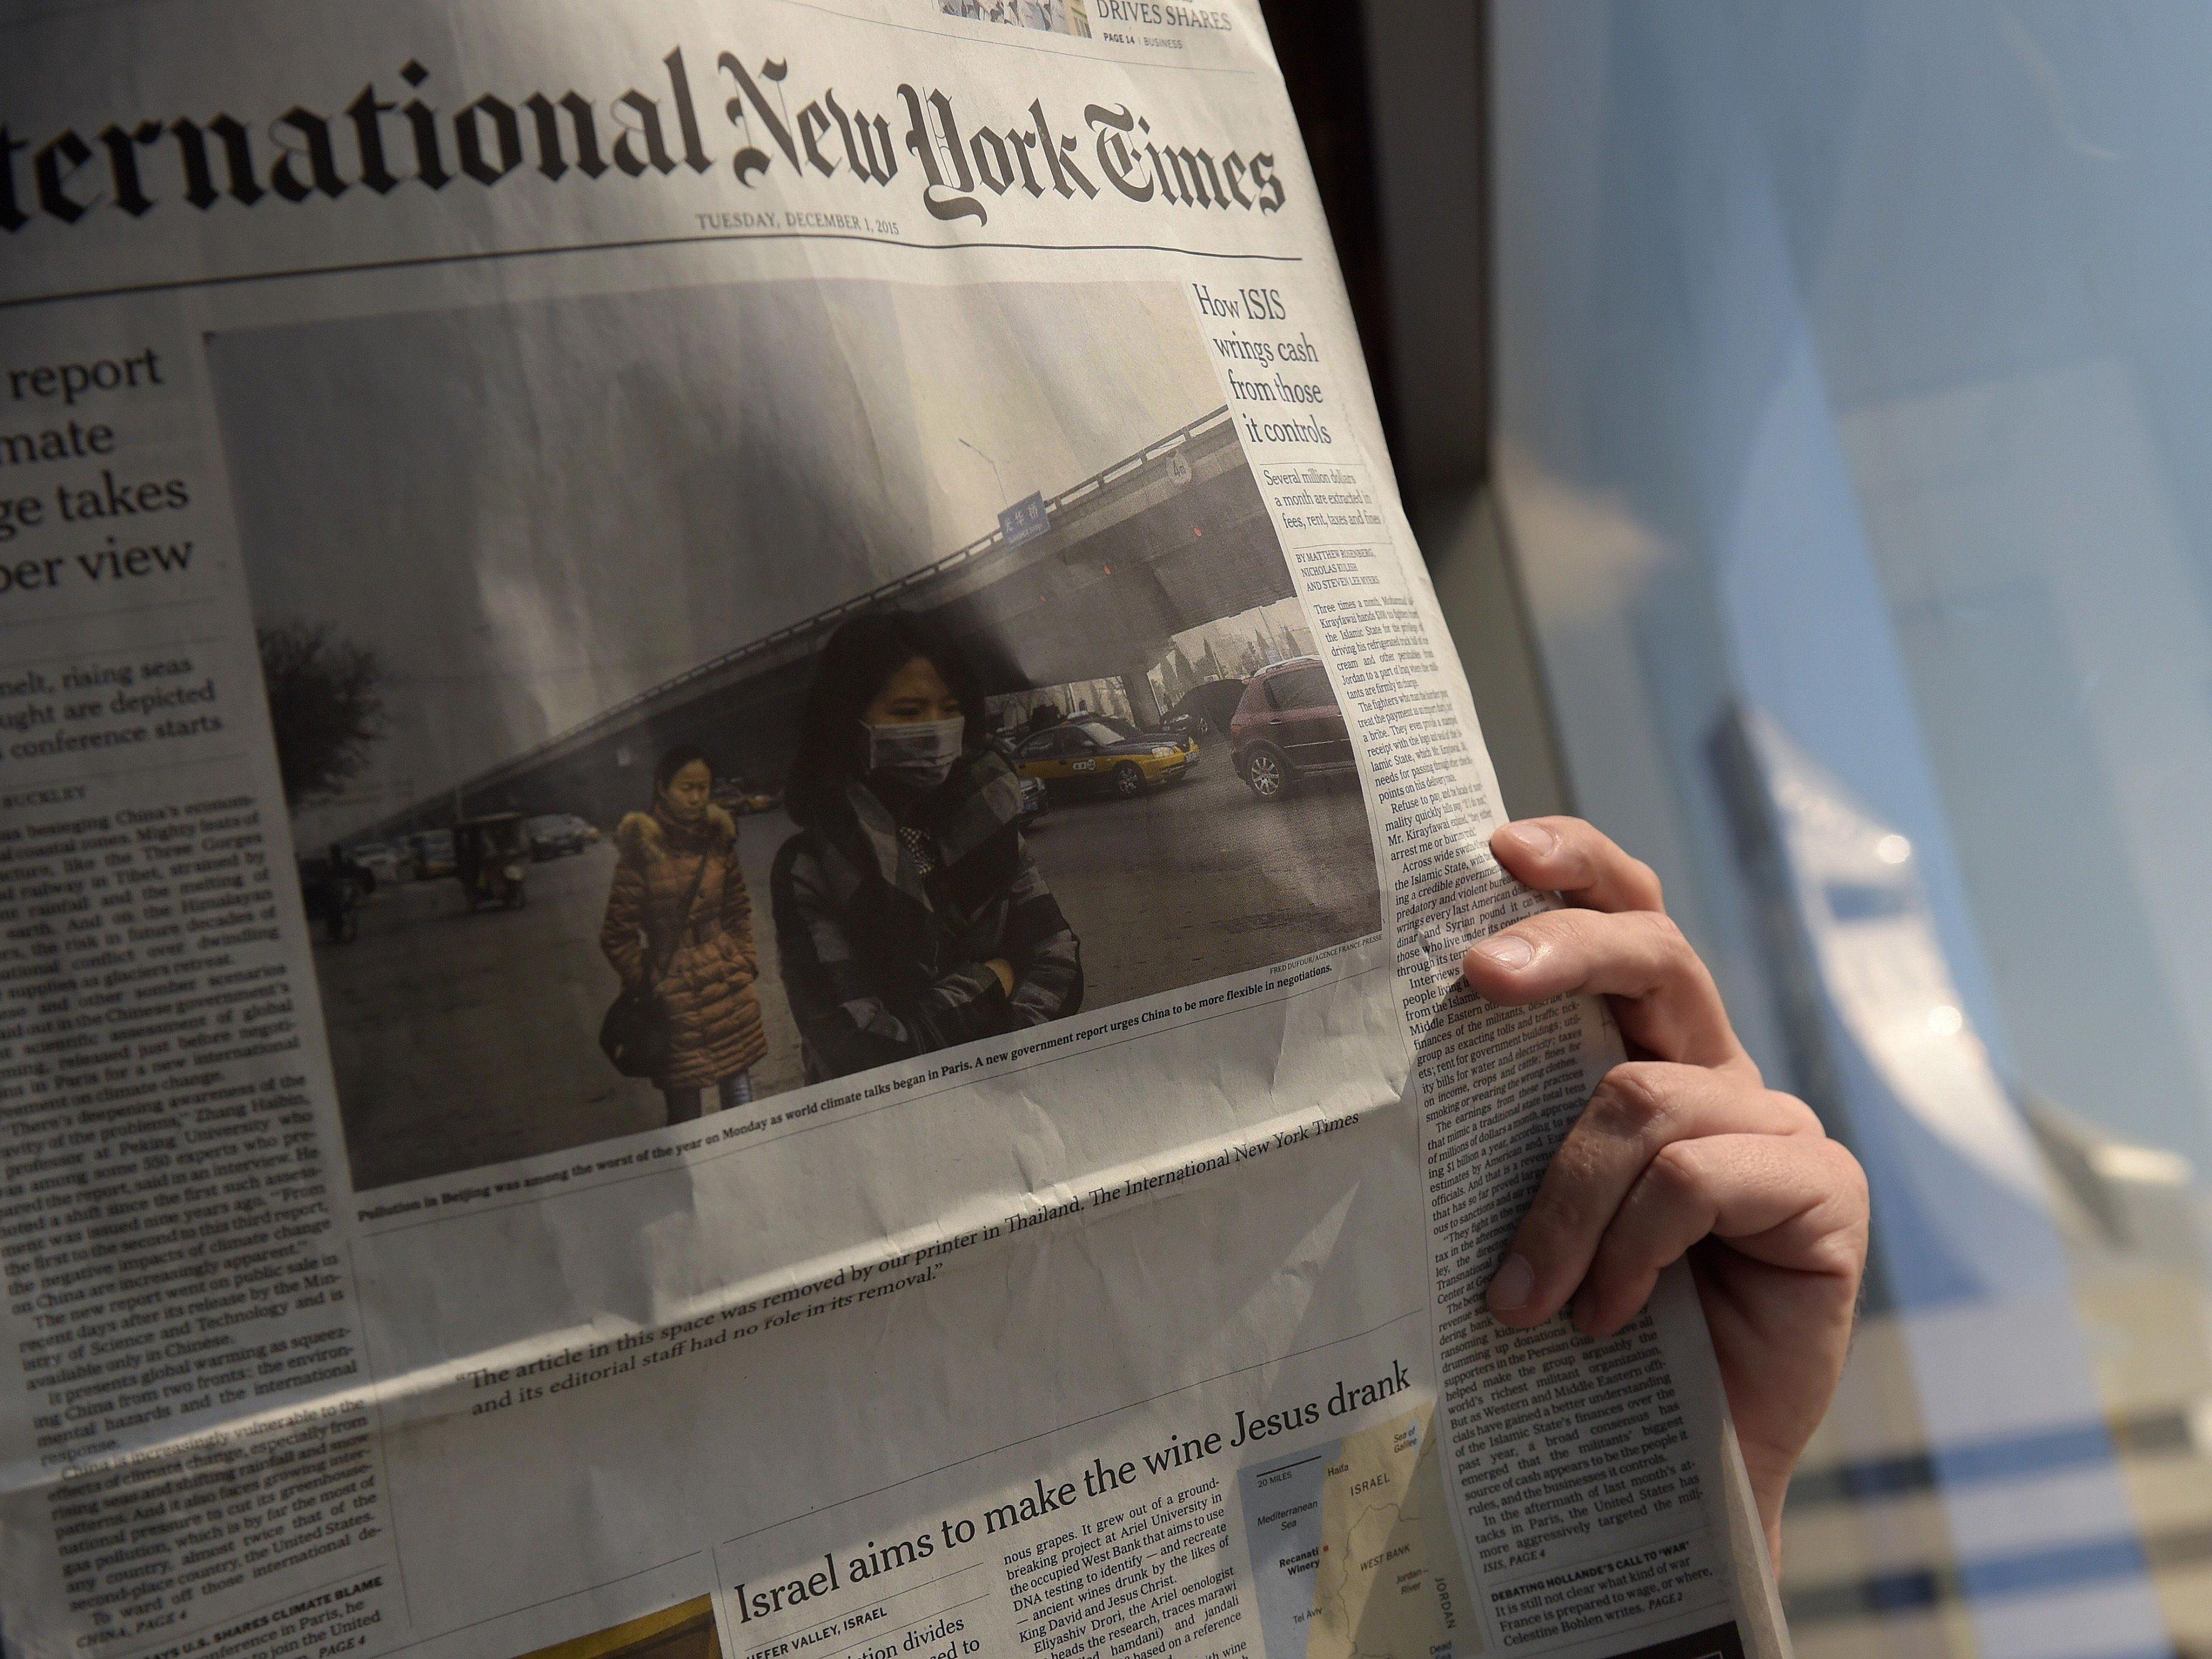 Statt eines kritischen Artikels auf der Titelseite prankt ein weißer Fleck auf der Titelseite der thailändischen Ausgabe der NYT.